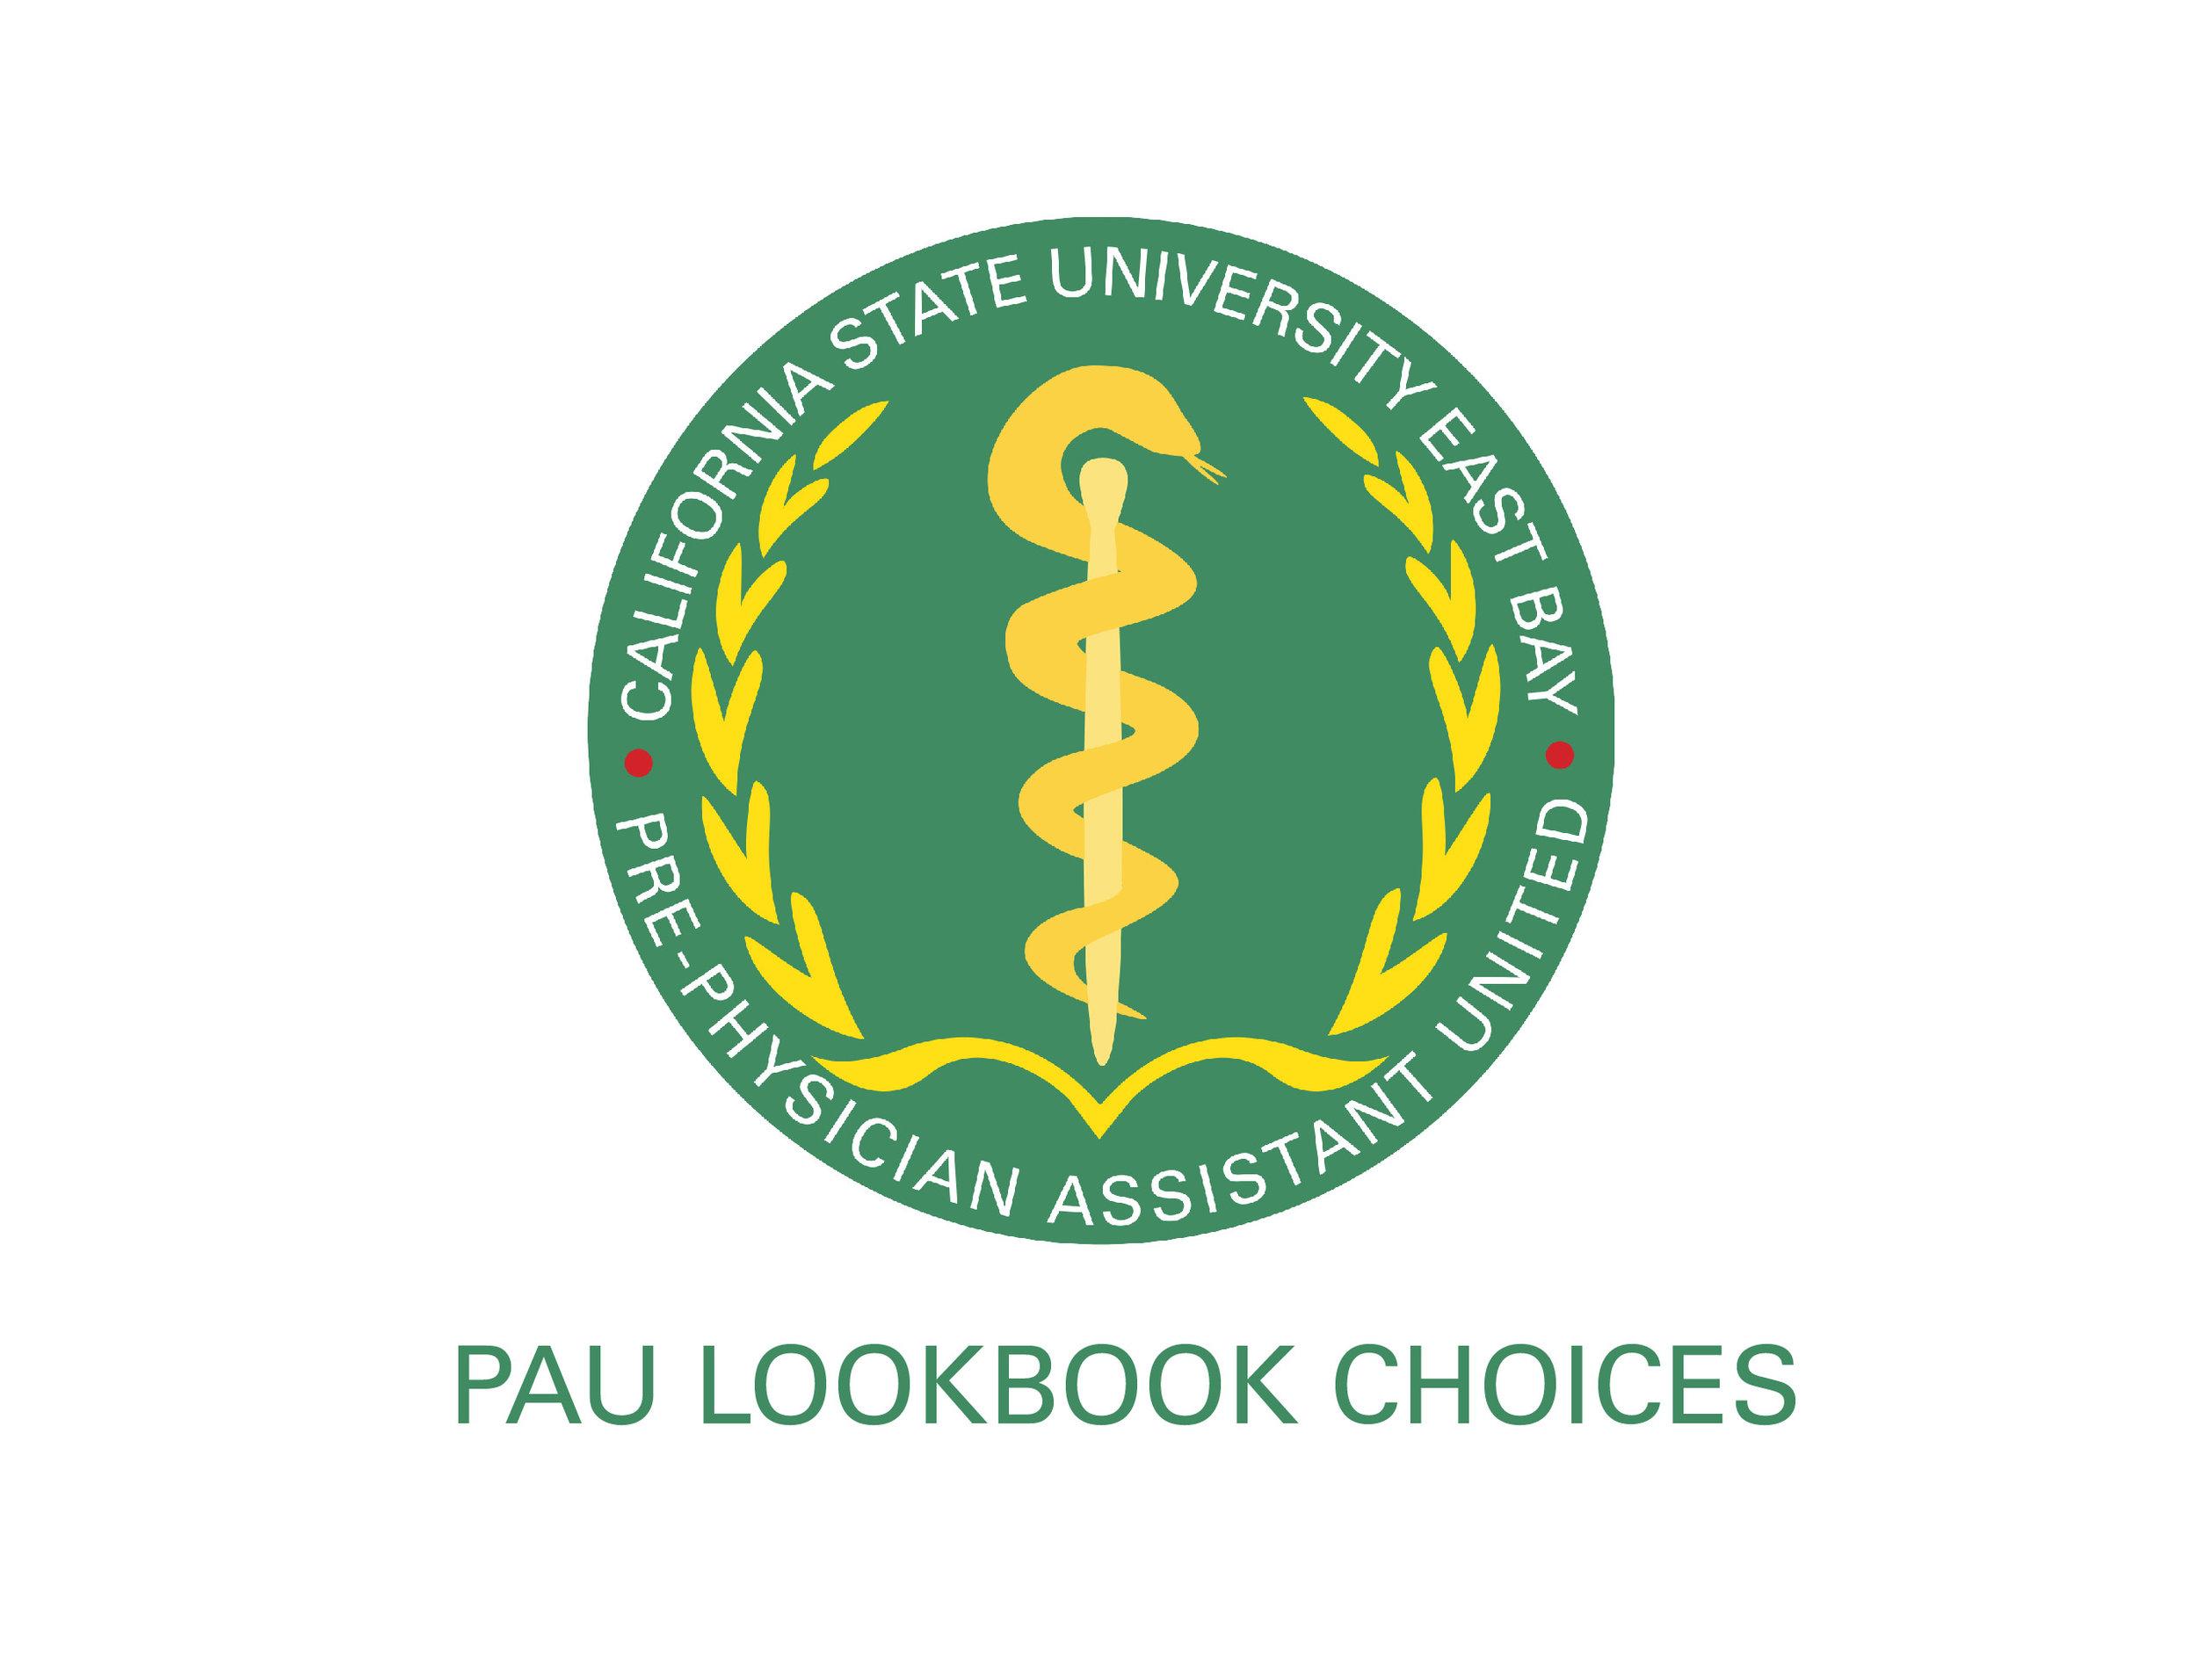 PAU Updated Lookbook-01.jpg